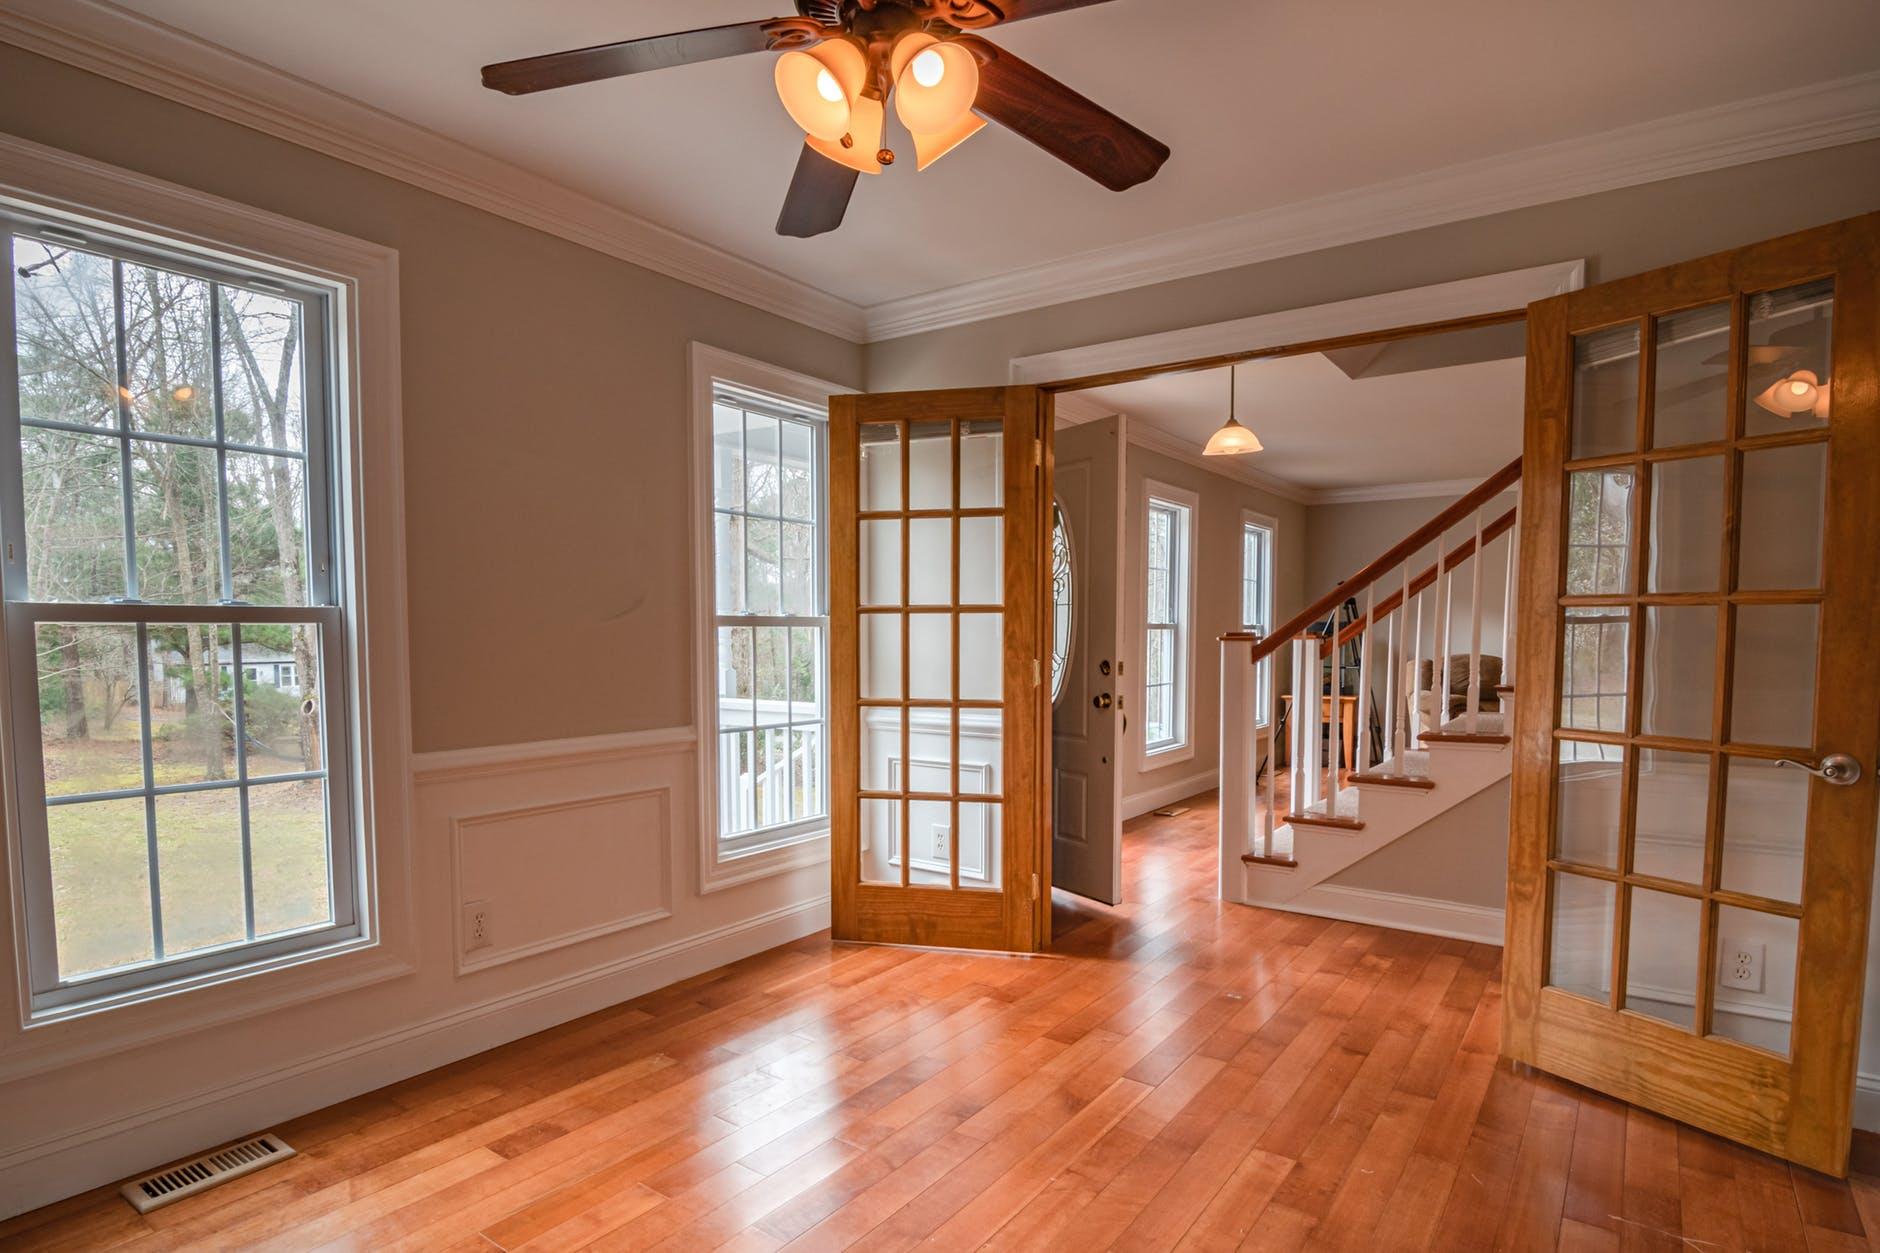 interiér, dvere, schody